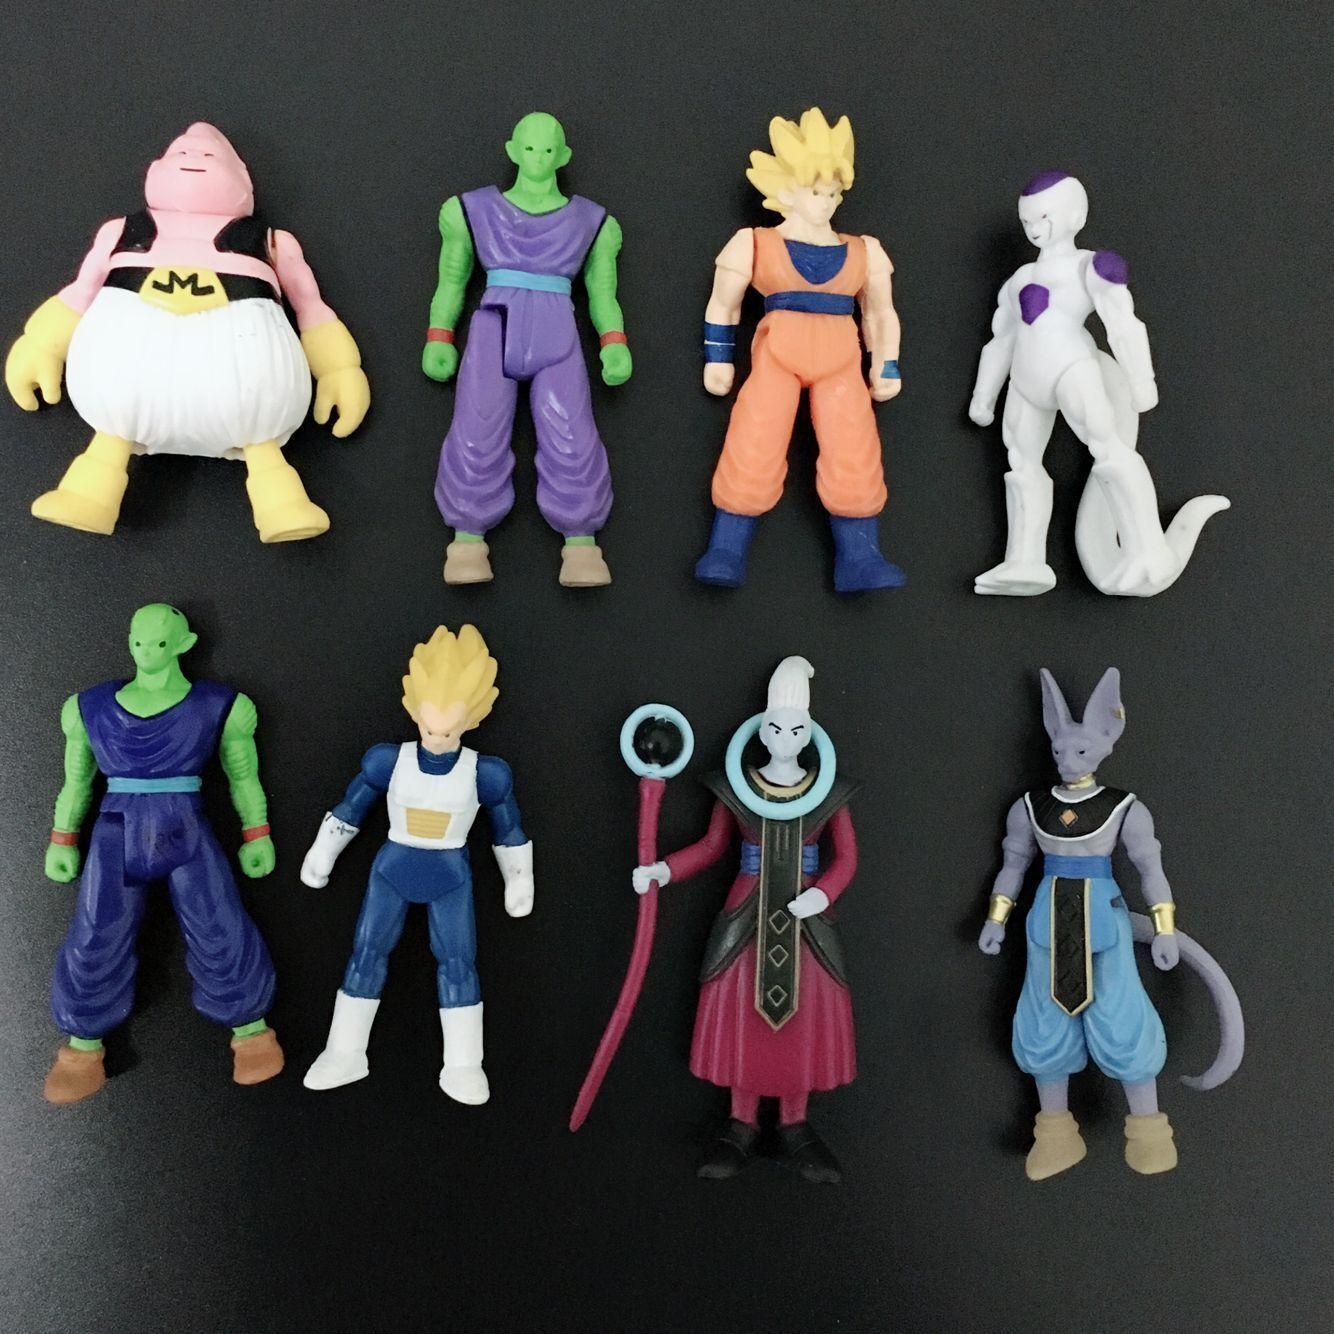 8 шт./лот фигурки Dragon Ball Z Сон Гоку Гохан Готен Вегета плавки Bulma Pan Chichi Piccolo Krillin аниме модель DBZ игрушки